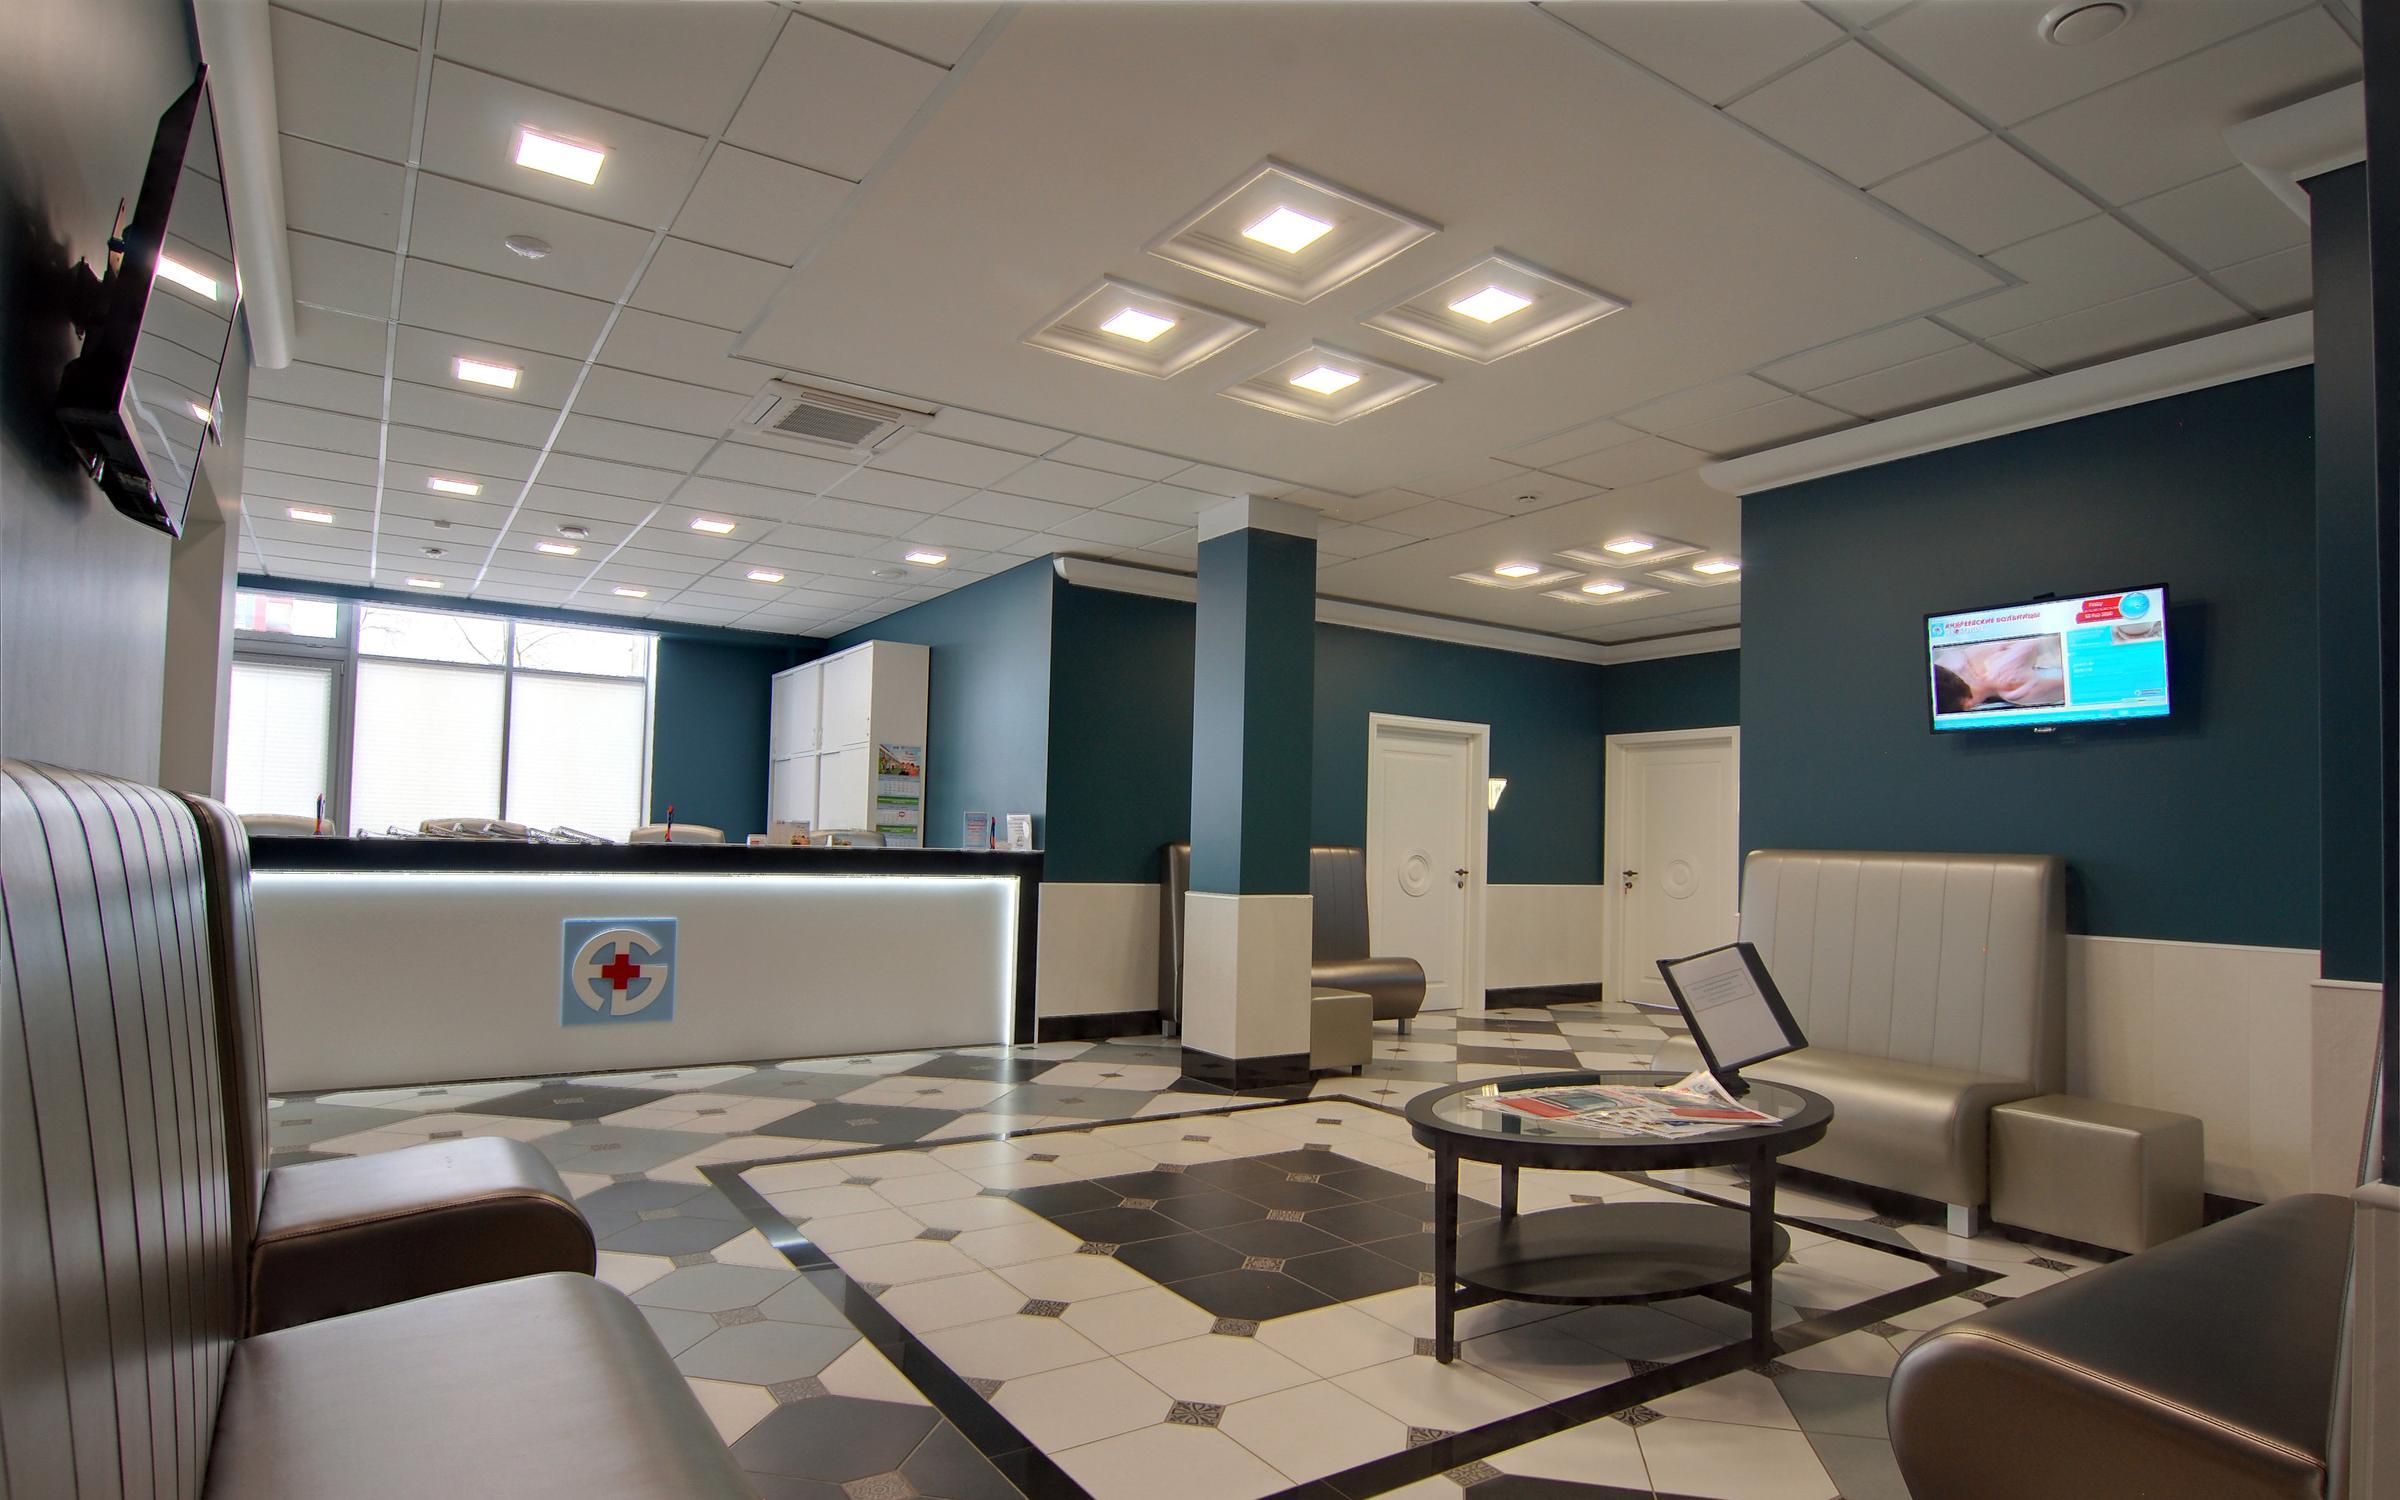 фотография Медицинского центра Андреевские больницы НЕБОЛИТ в Королёве